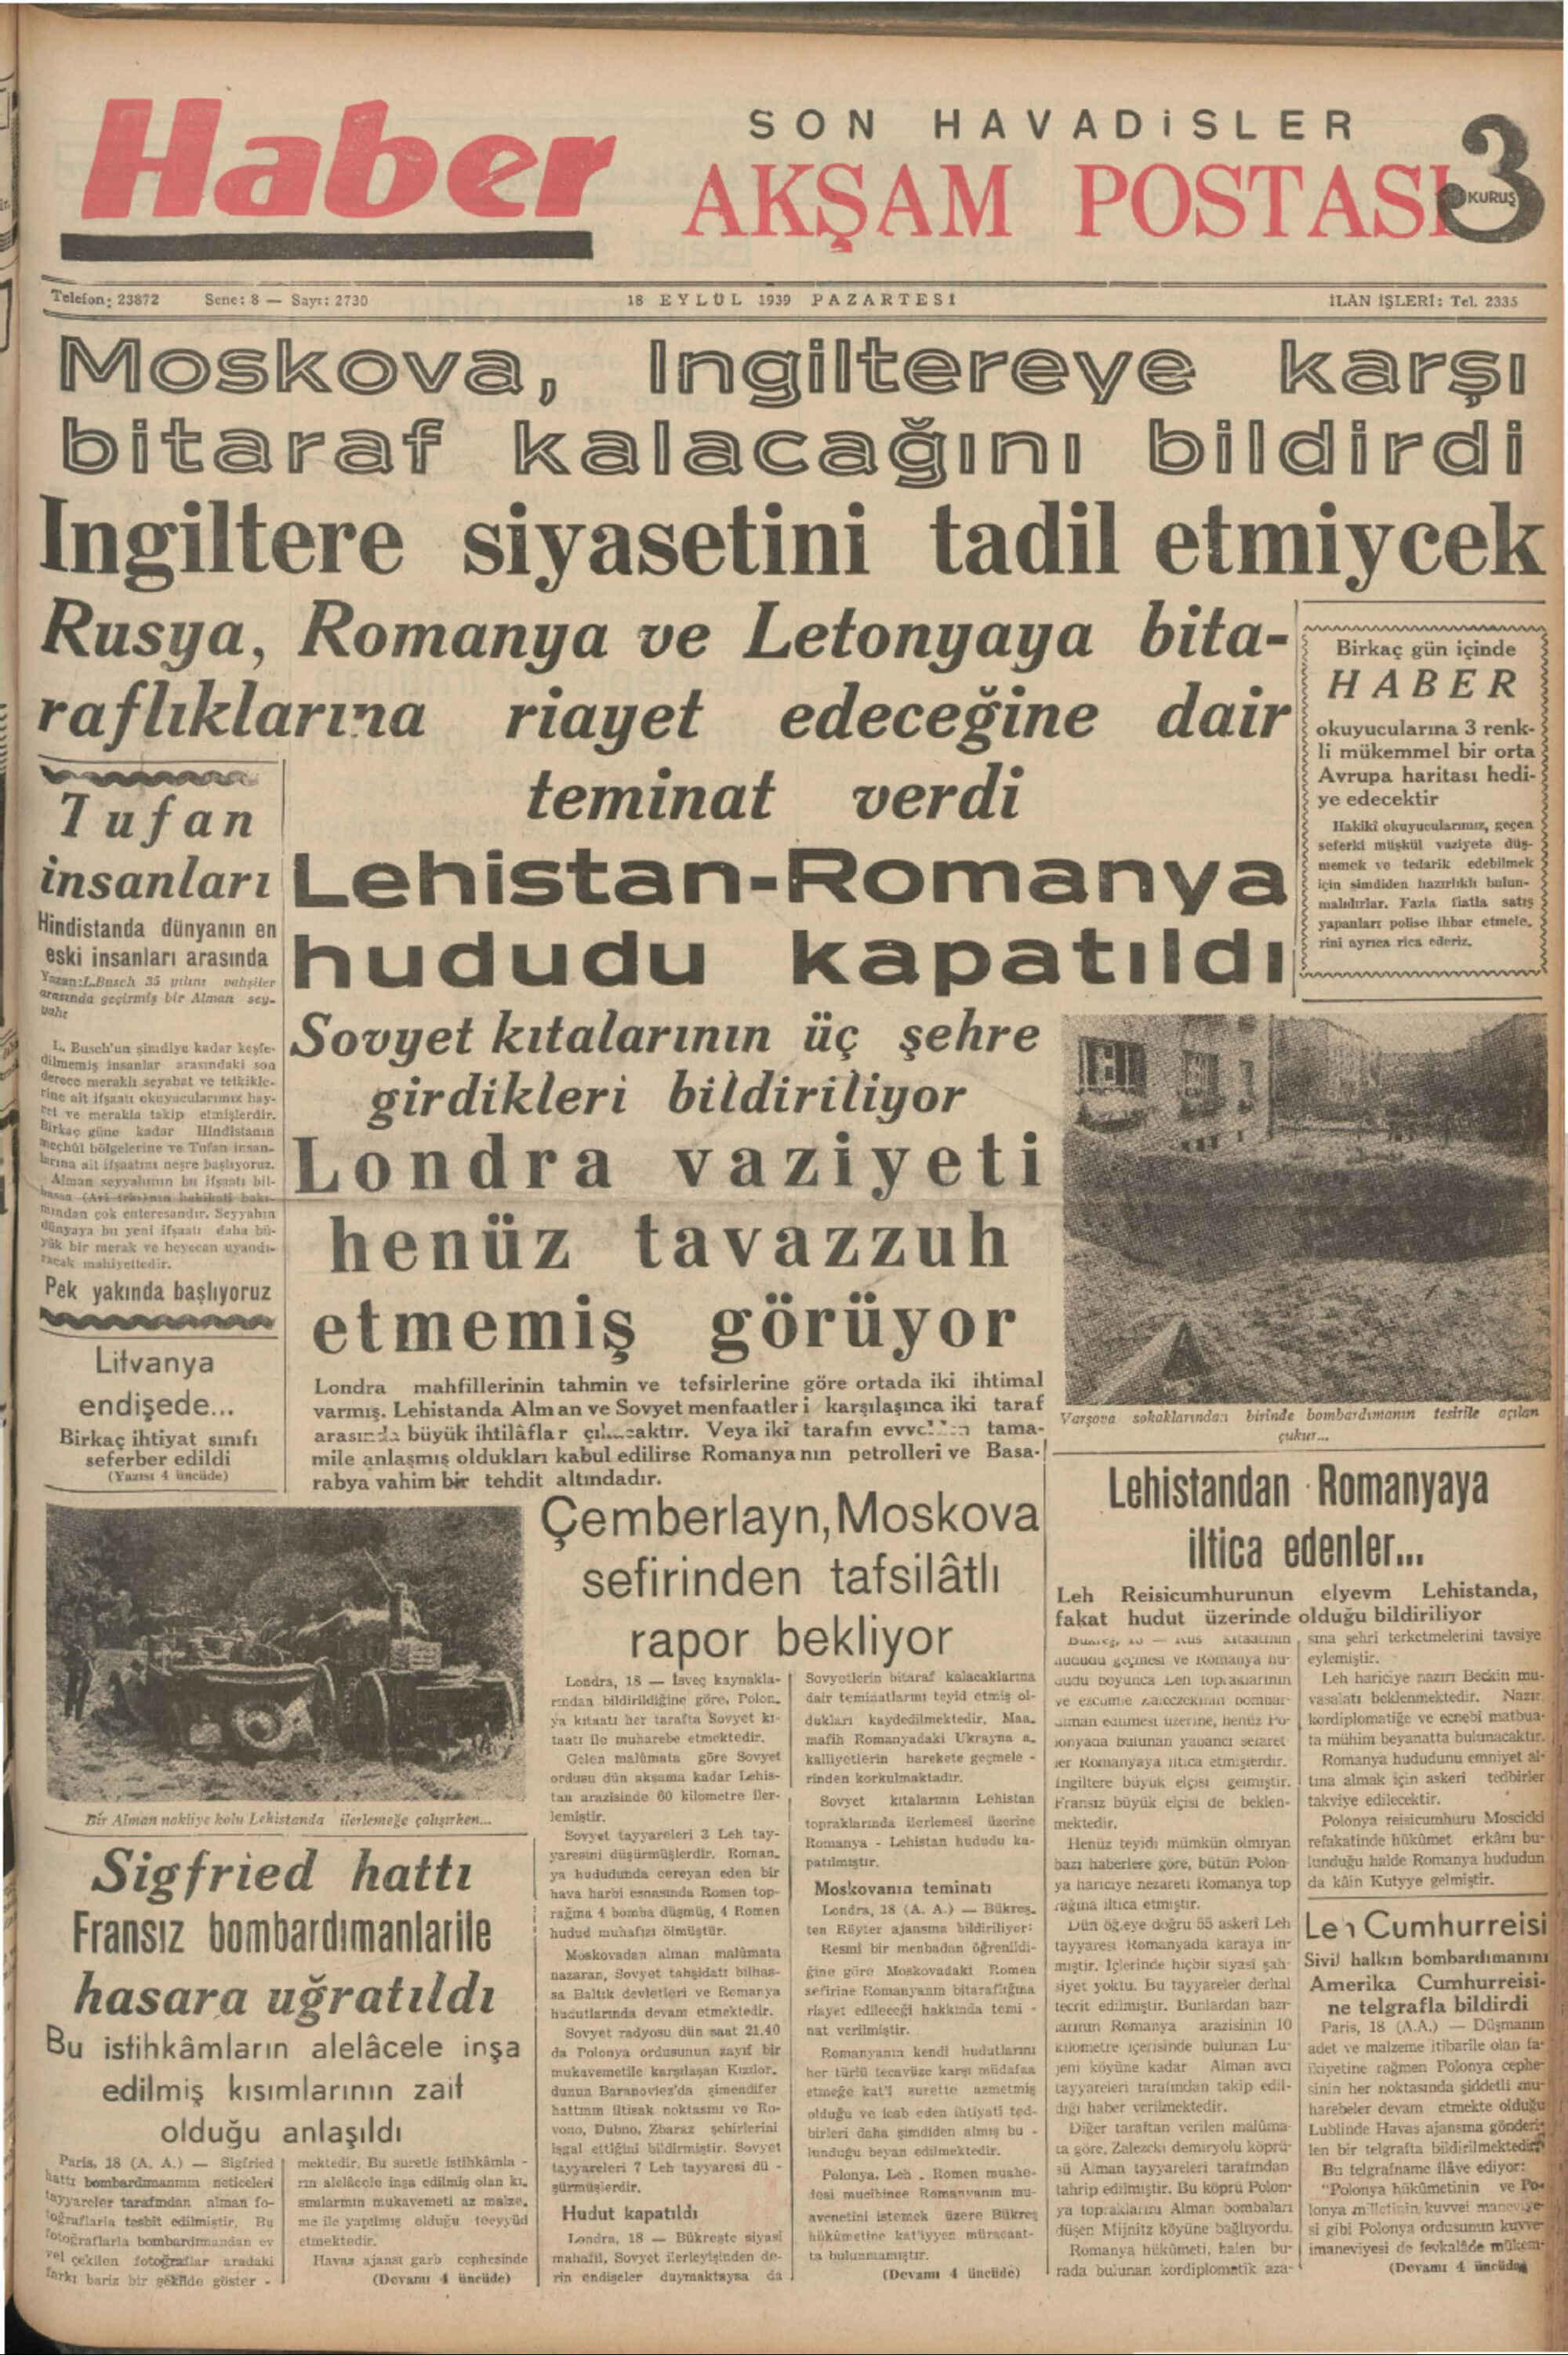 18 Eylül 1939 Tarihli Haber Dergisi Sayfa 1